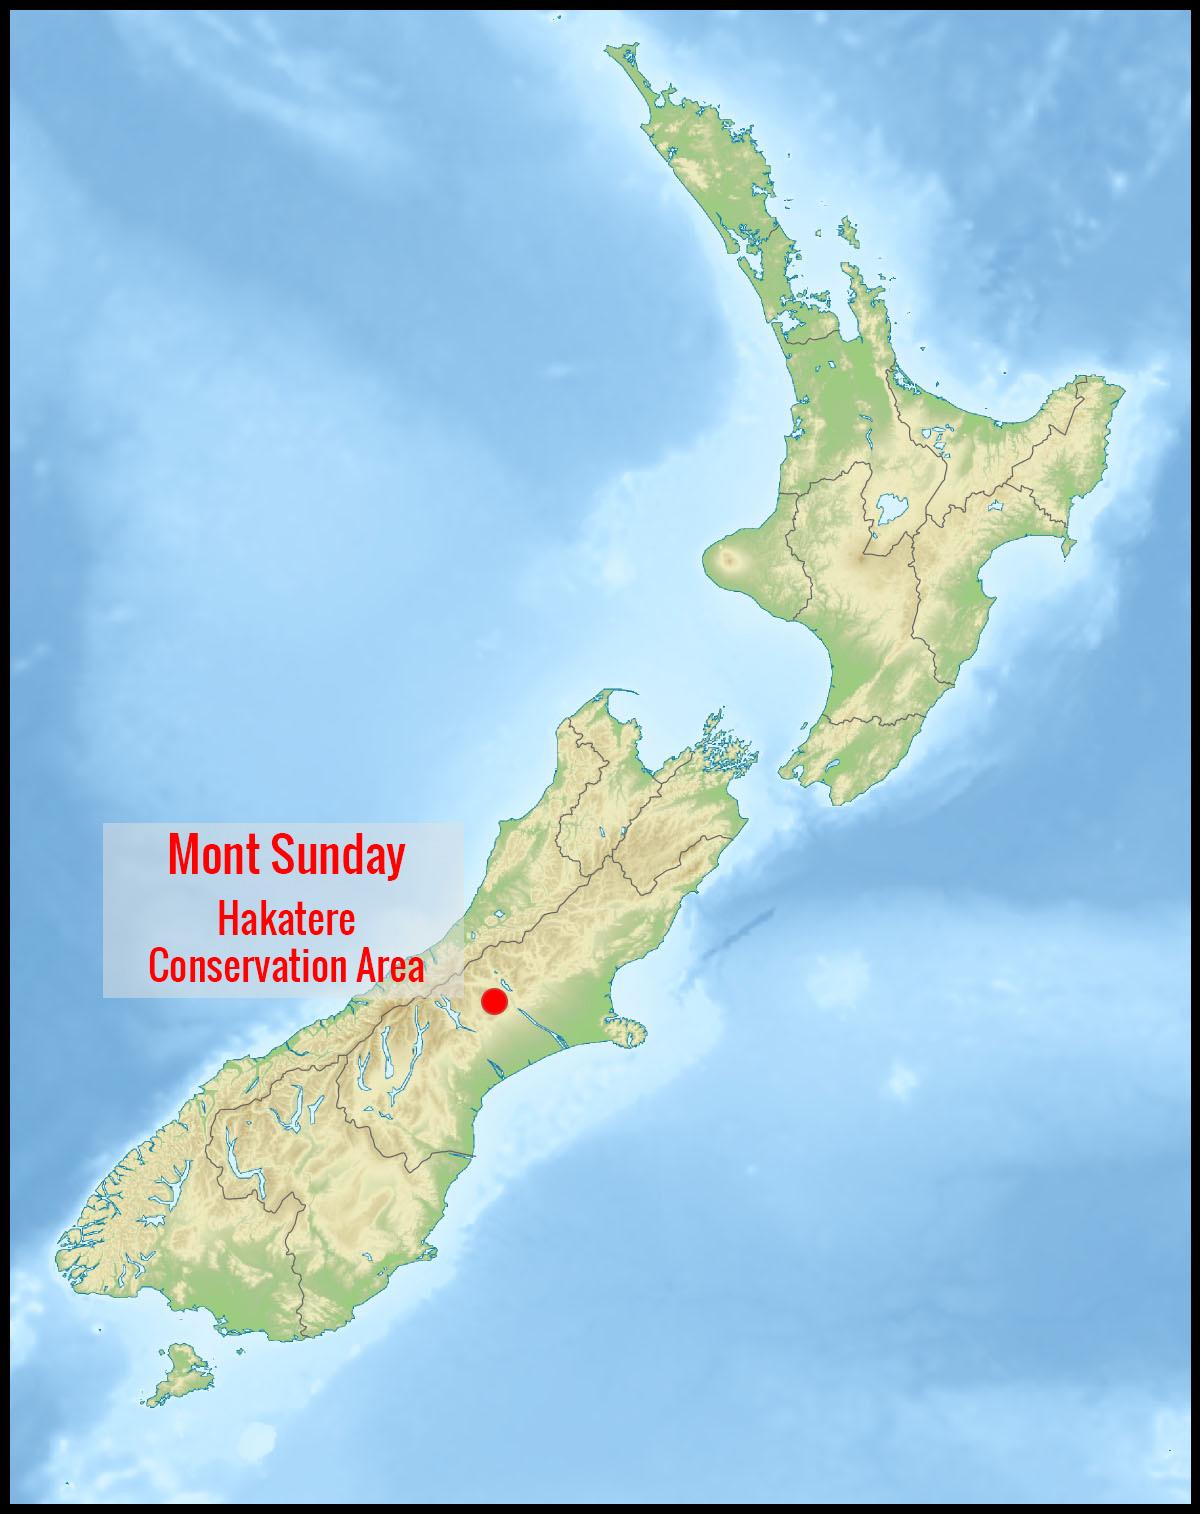 Carte mont Sunday et Hakatere Conservation Park en Nouvelle-Zélande